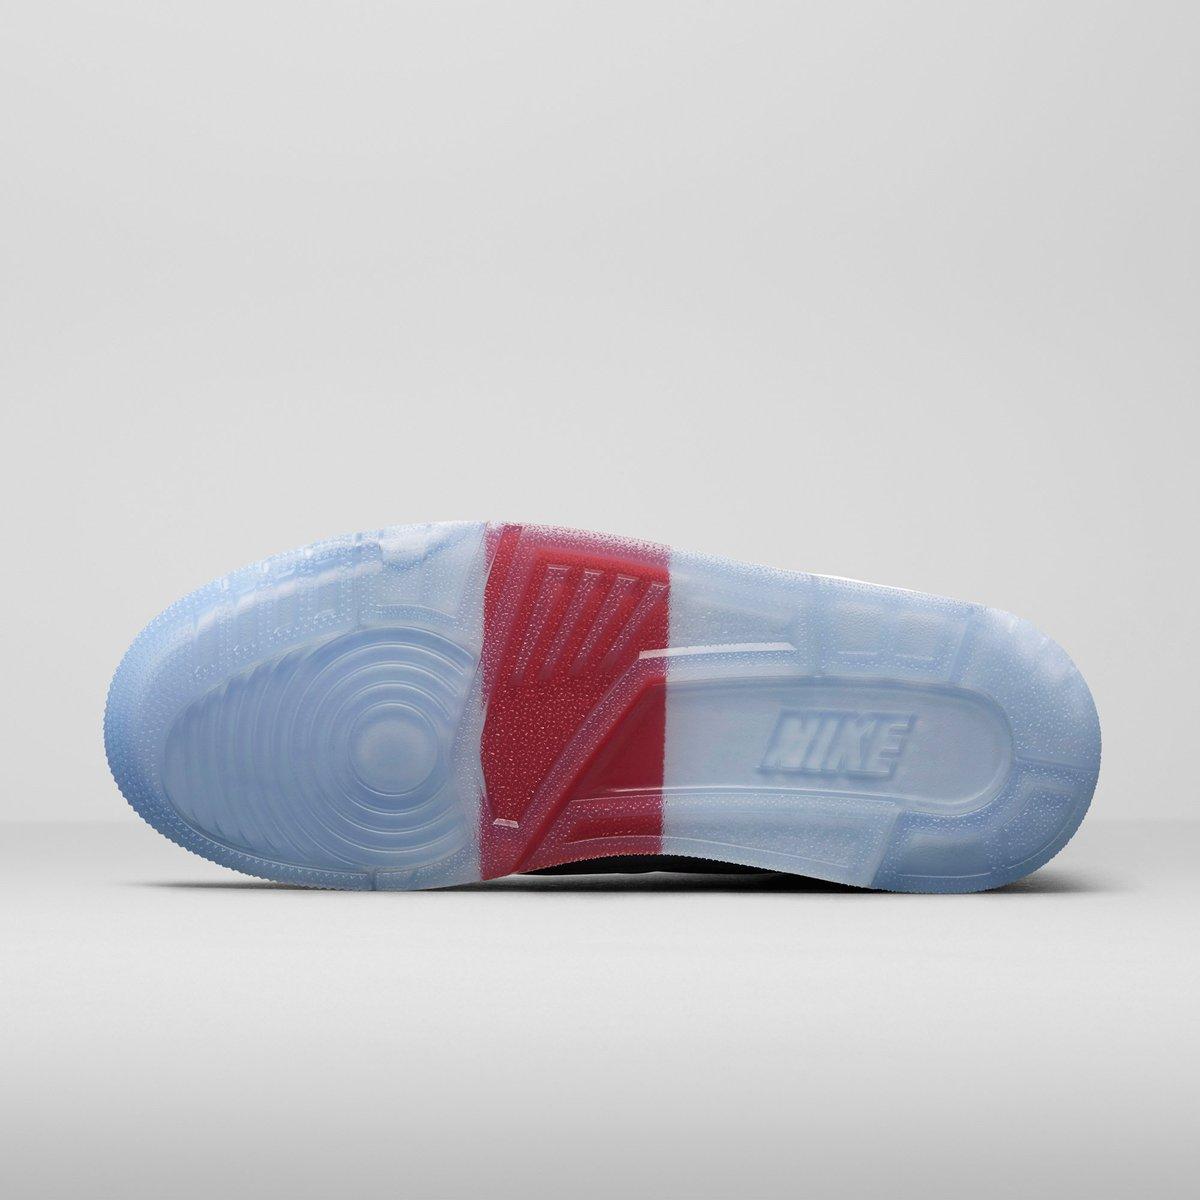 best sneakers 7f085 f9742 7 14 AM - 26 Jan 2018